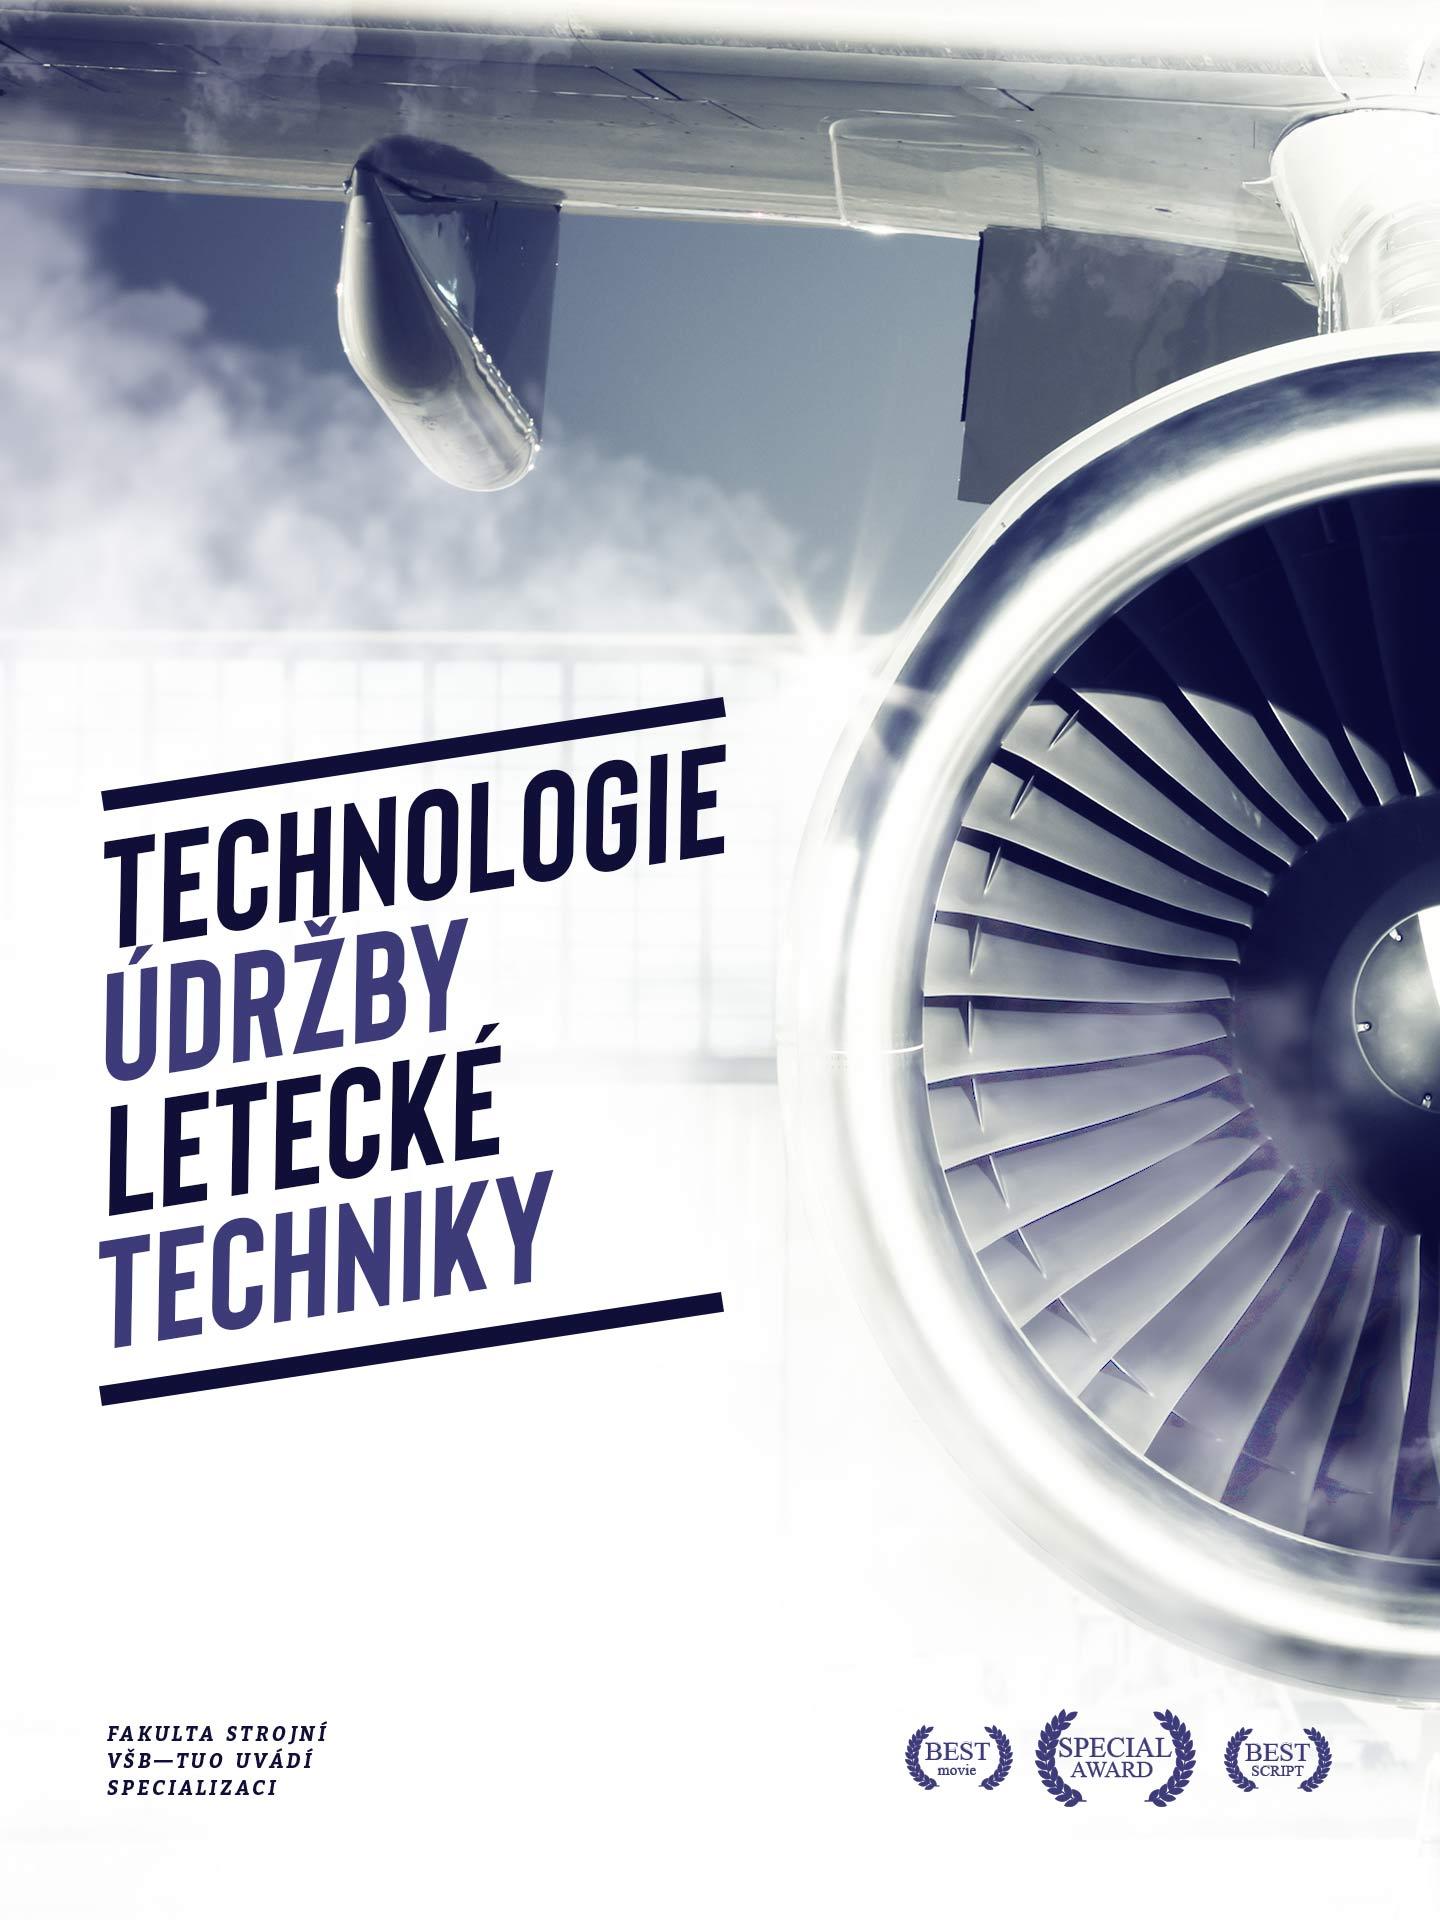 Technologie údržby letecké techniky